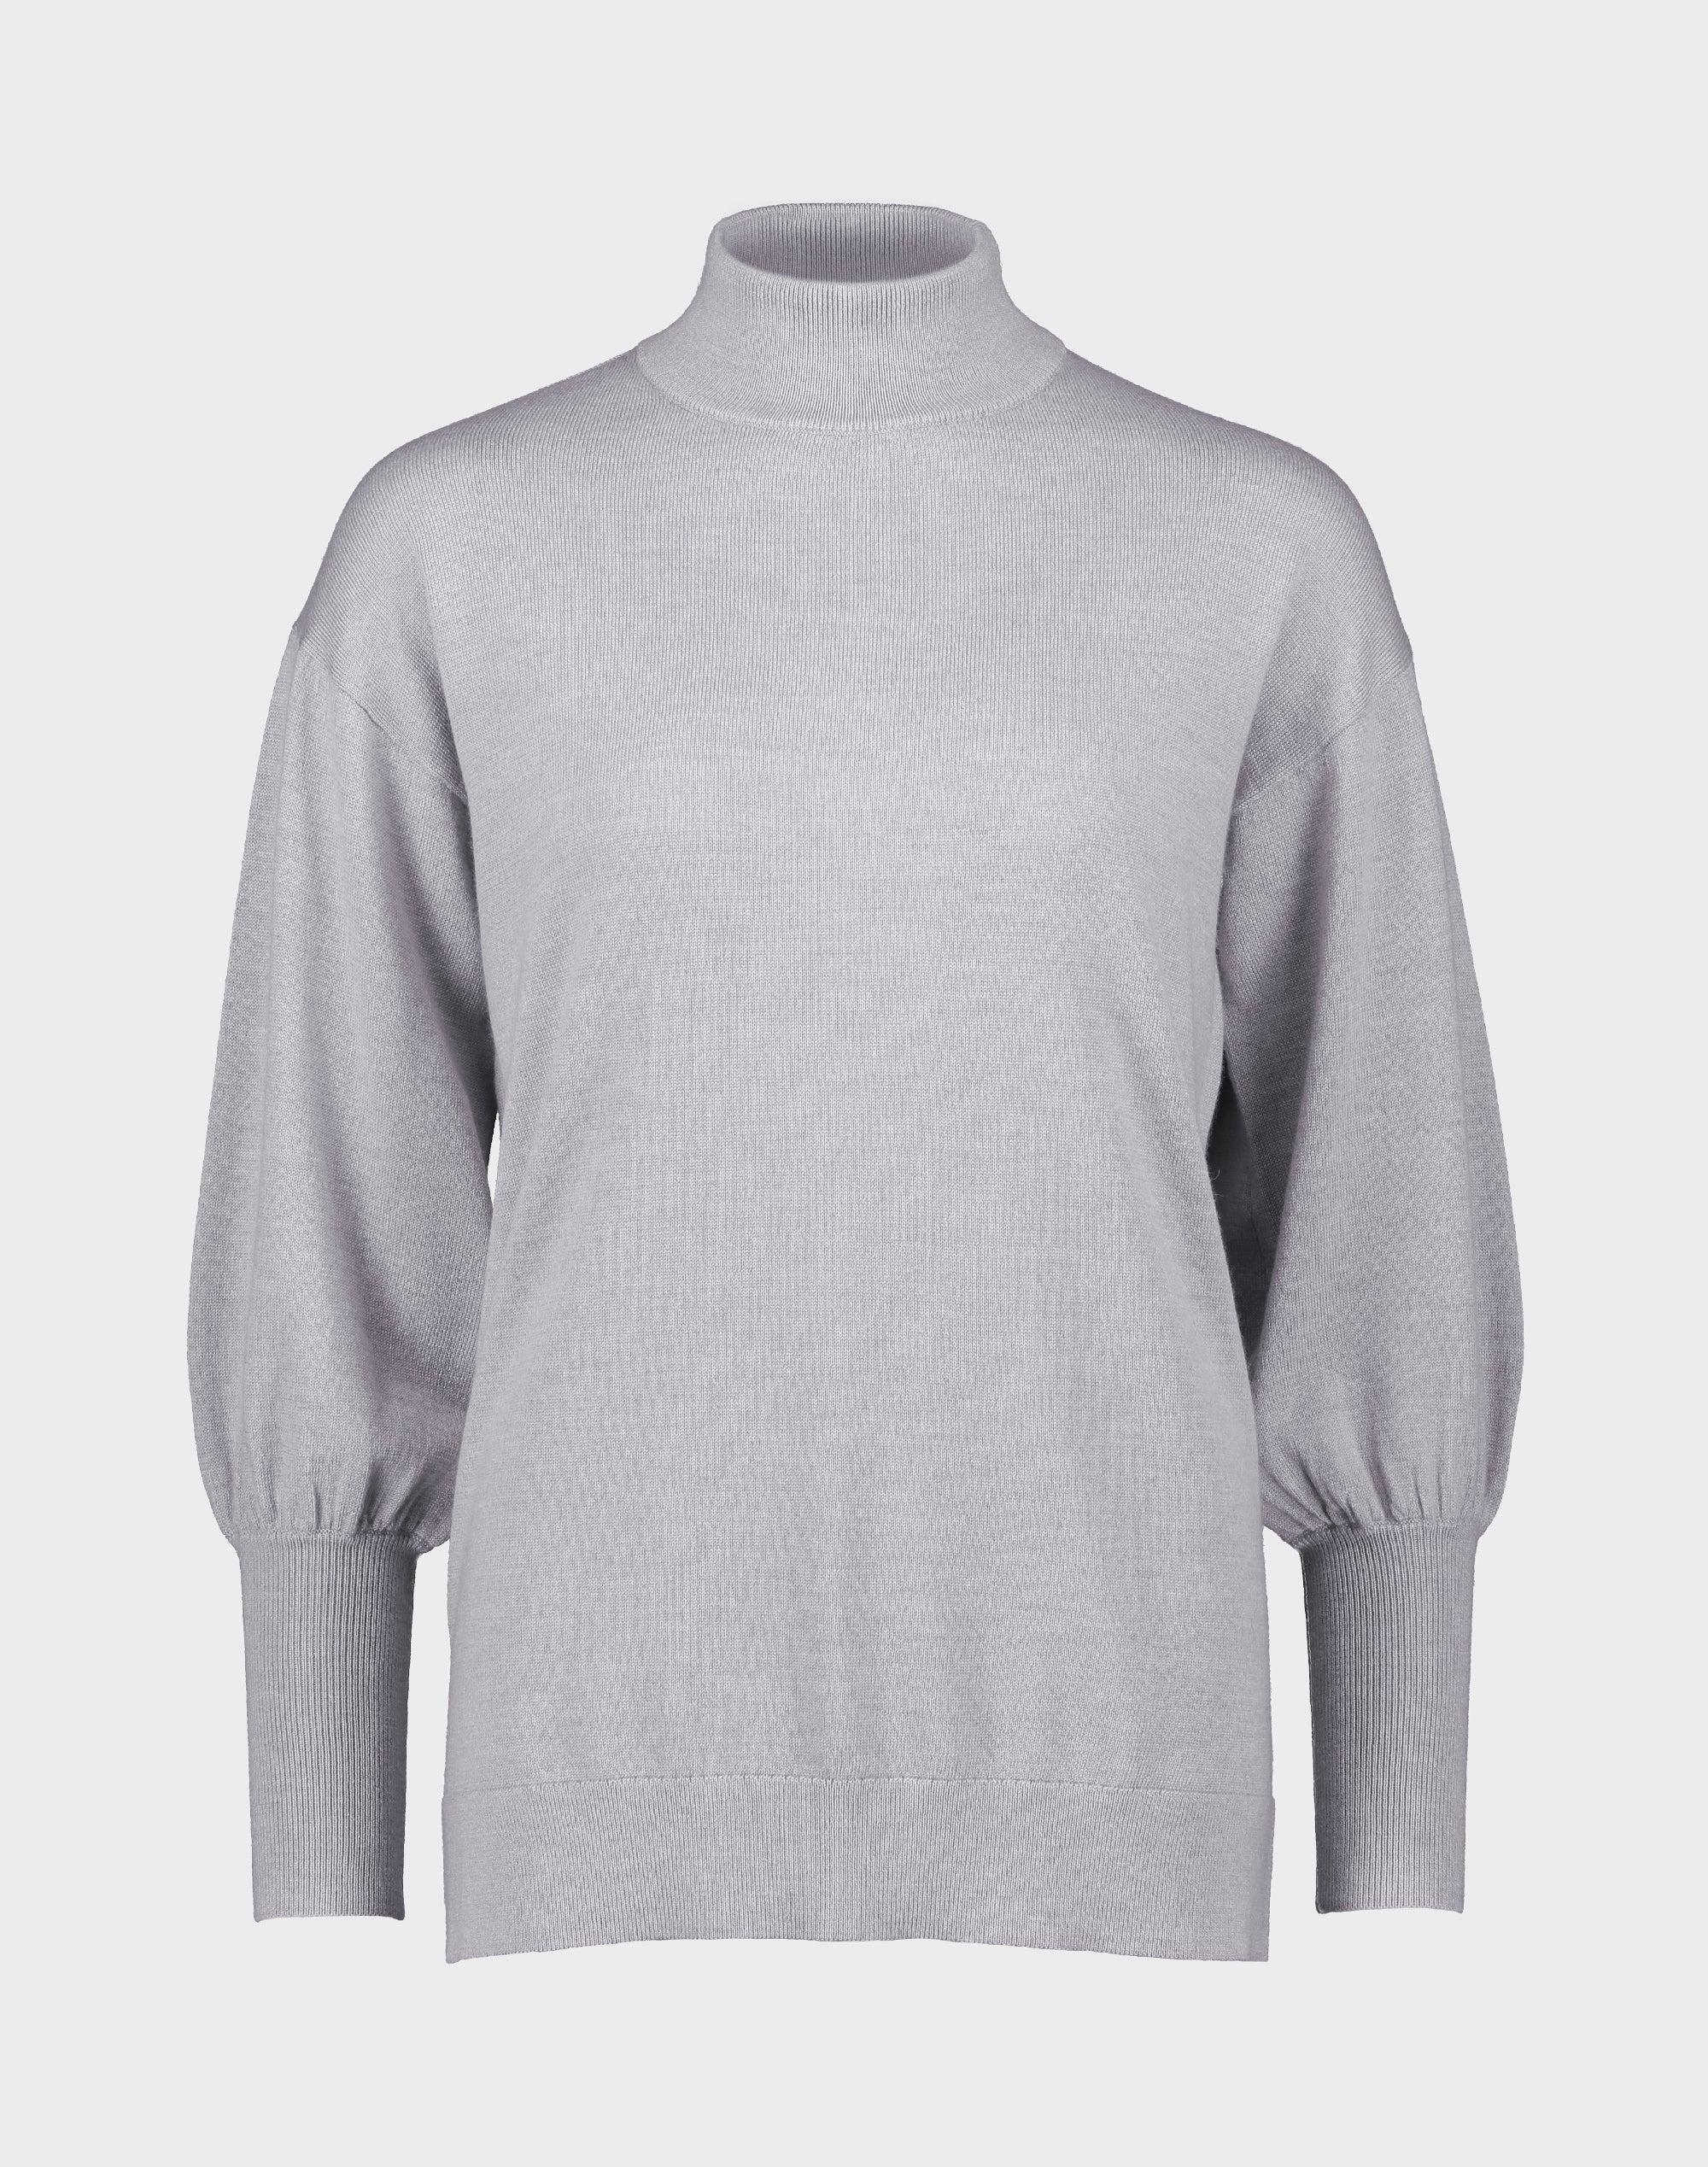 High Neck Merino Sweater